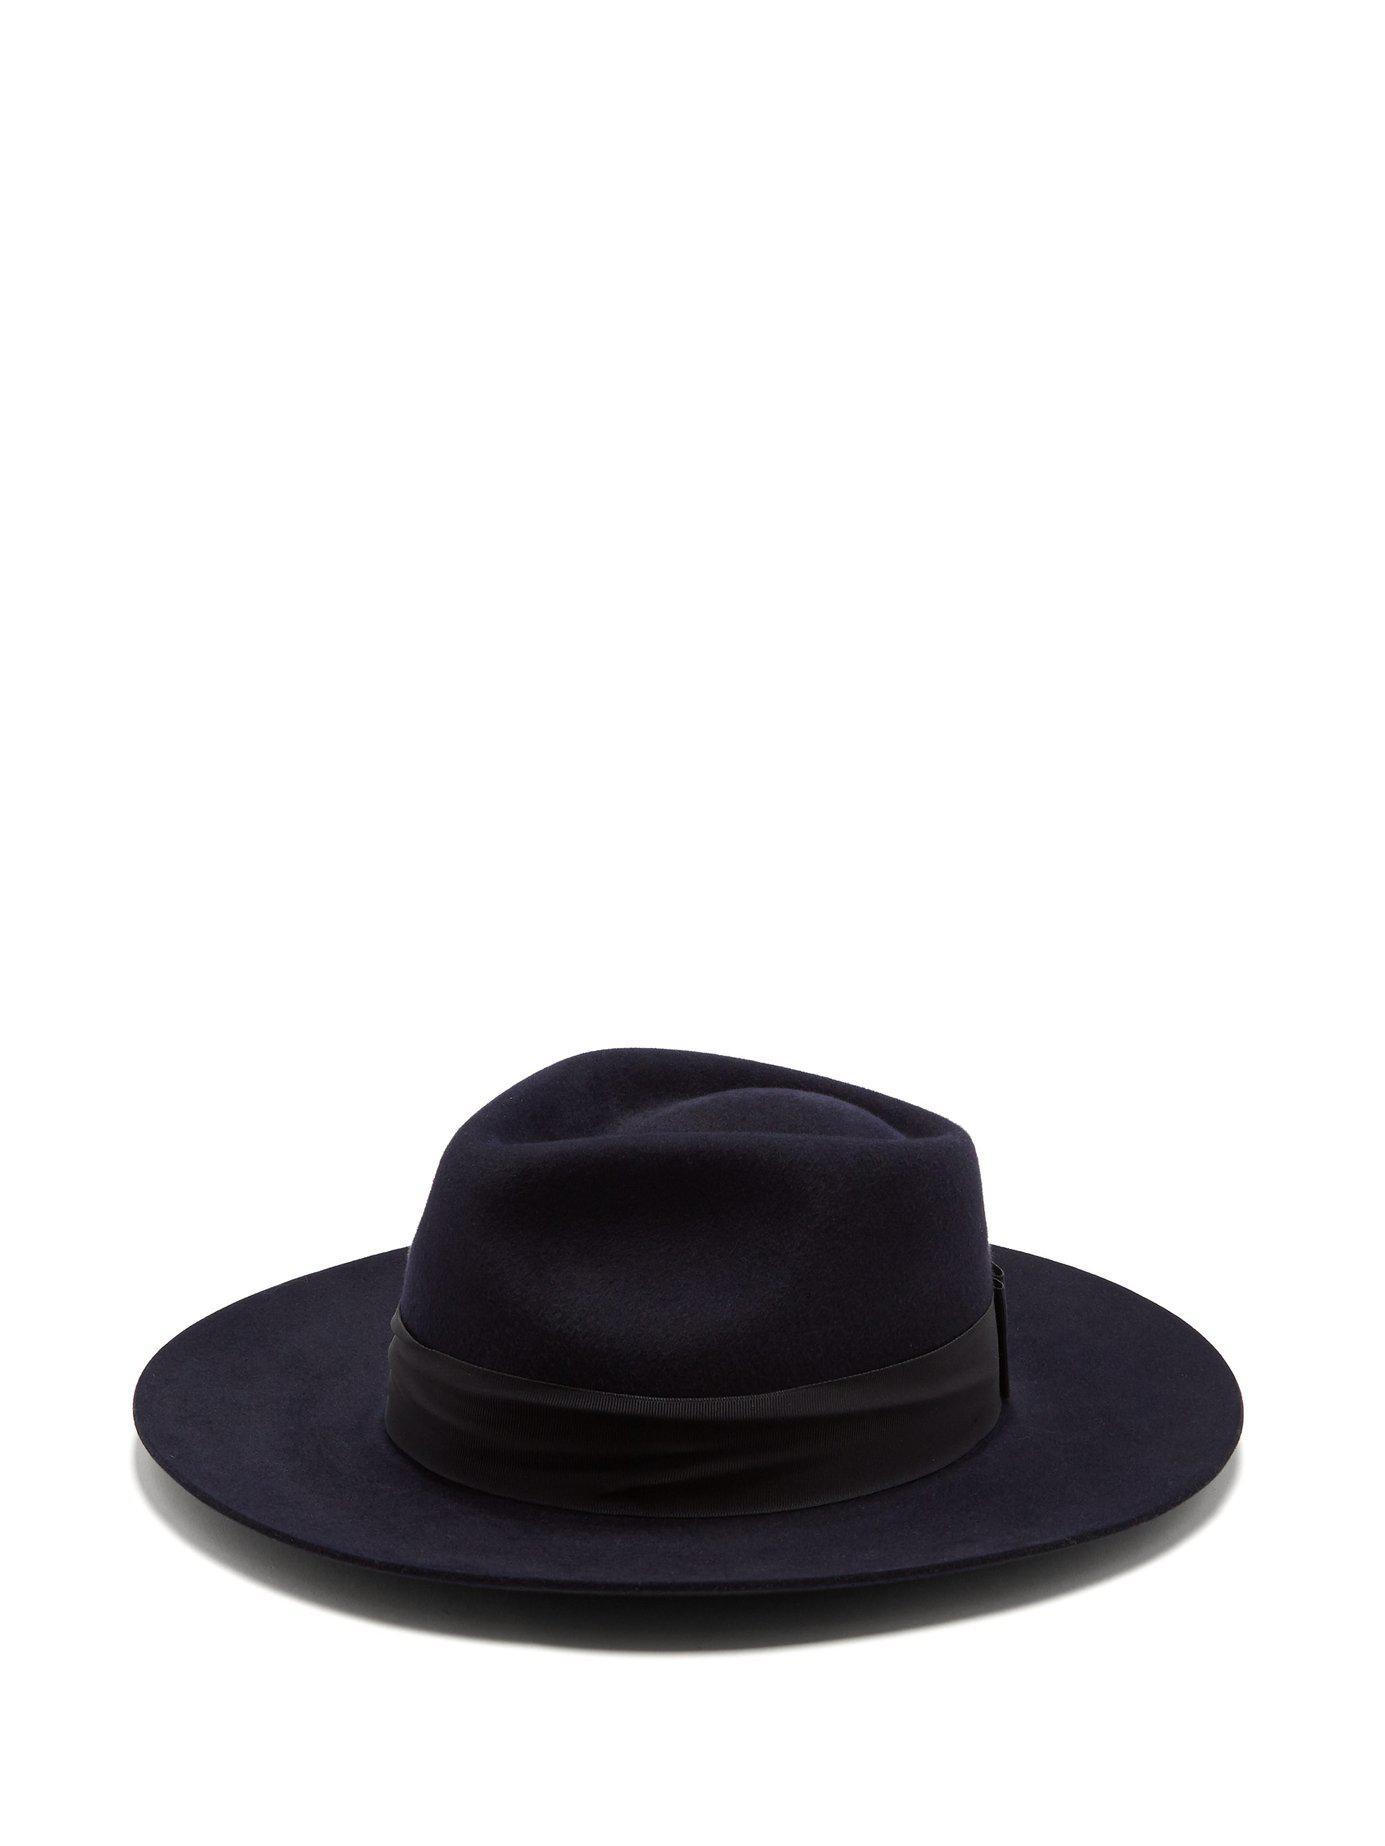 43d88f67c0b Lyst - Hillier Bartley X Lock   Co. Portobello Felt Fedora Hat in Blue